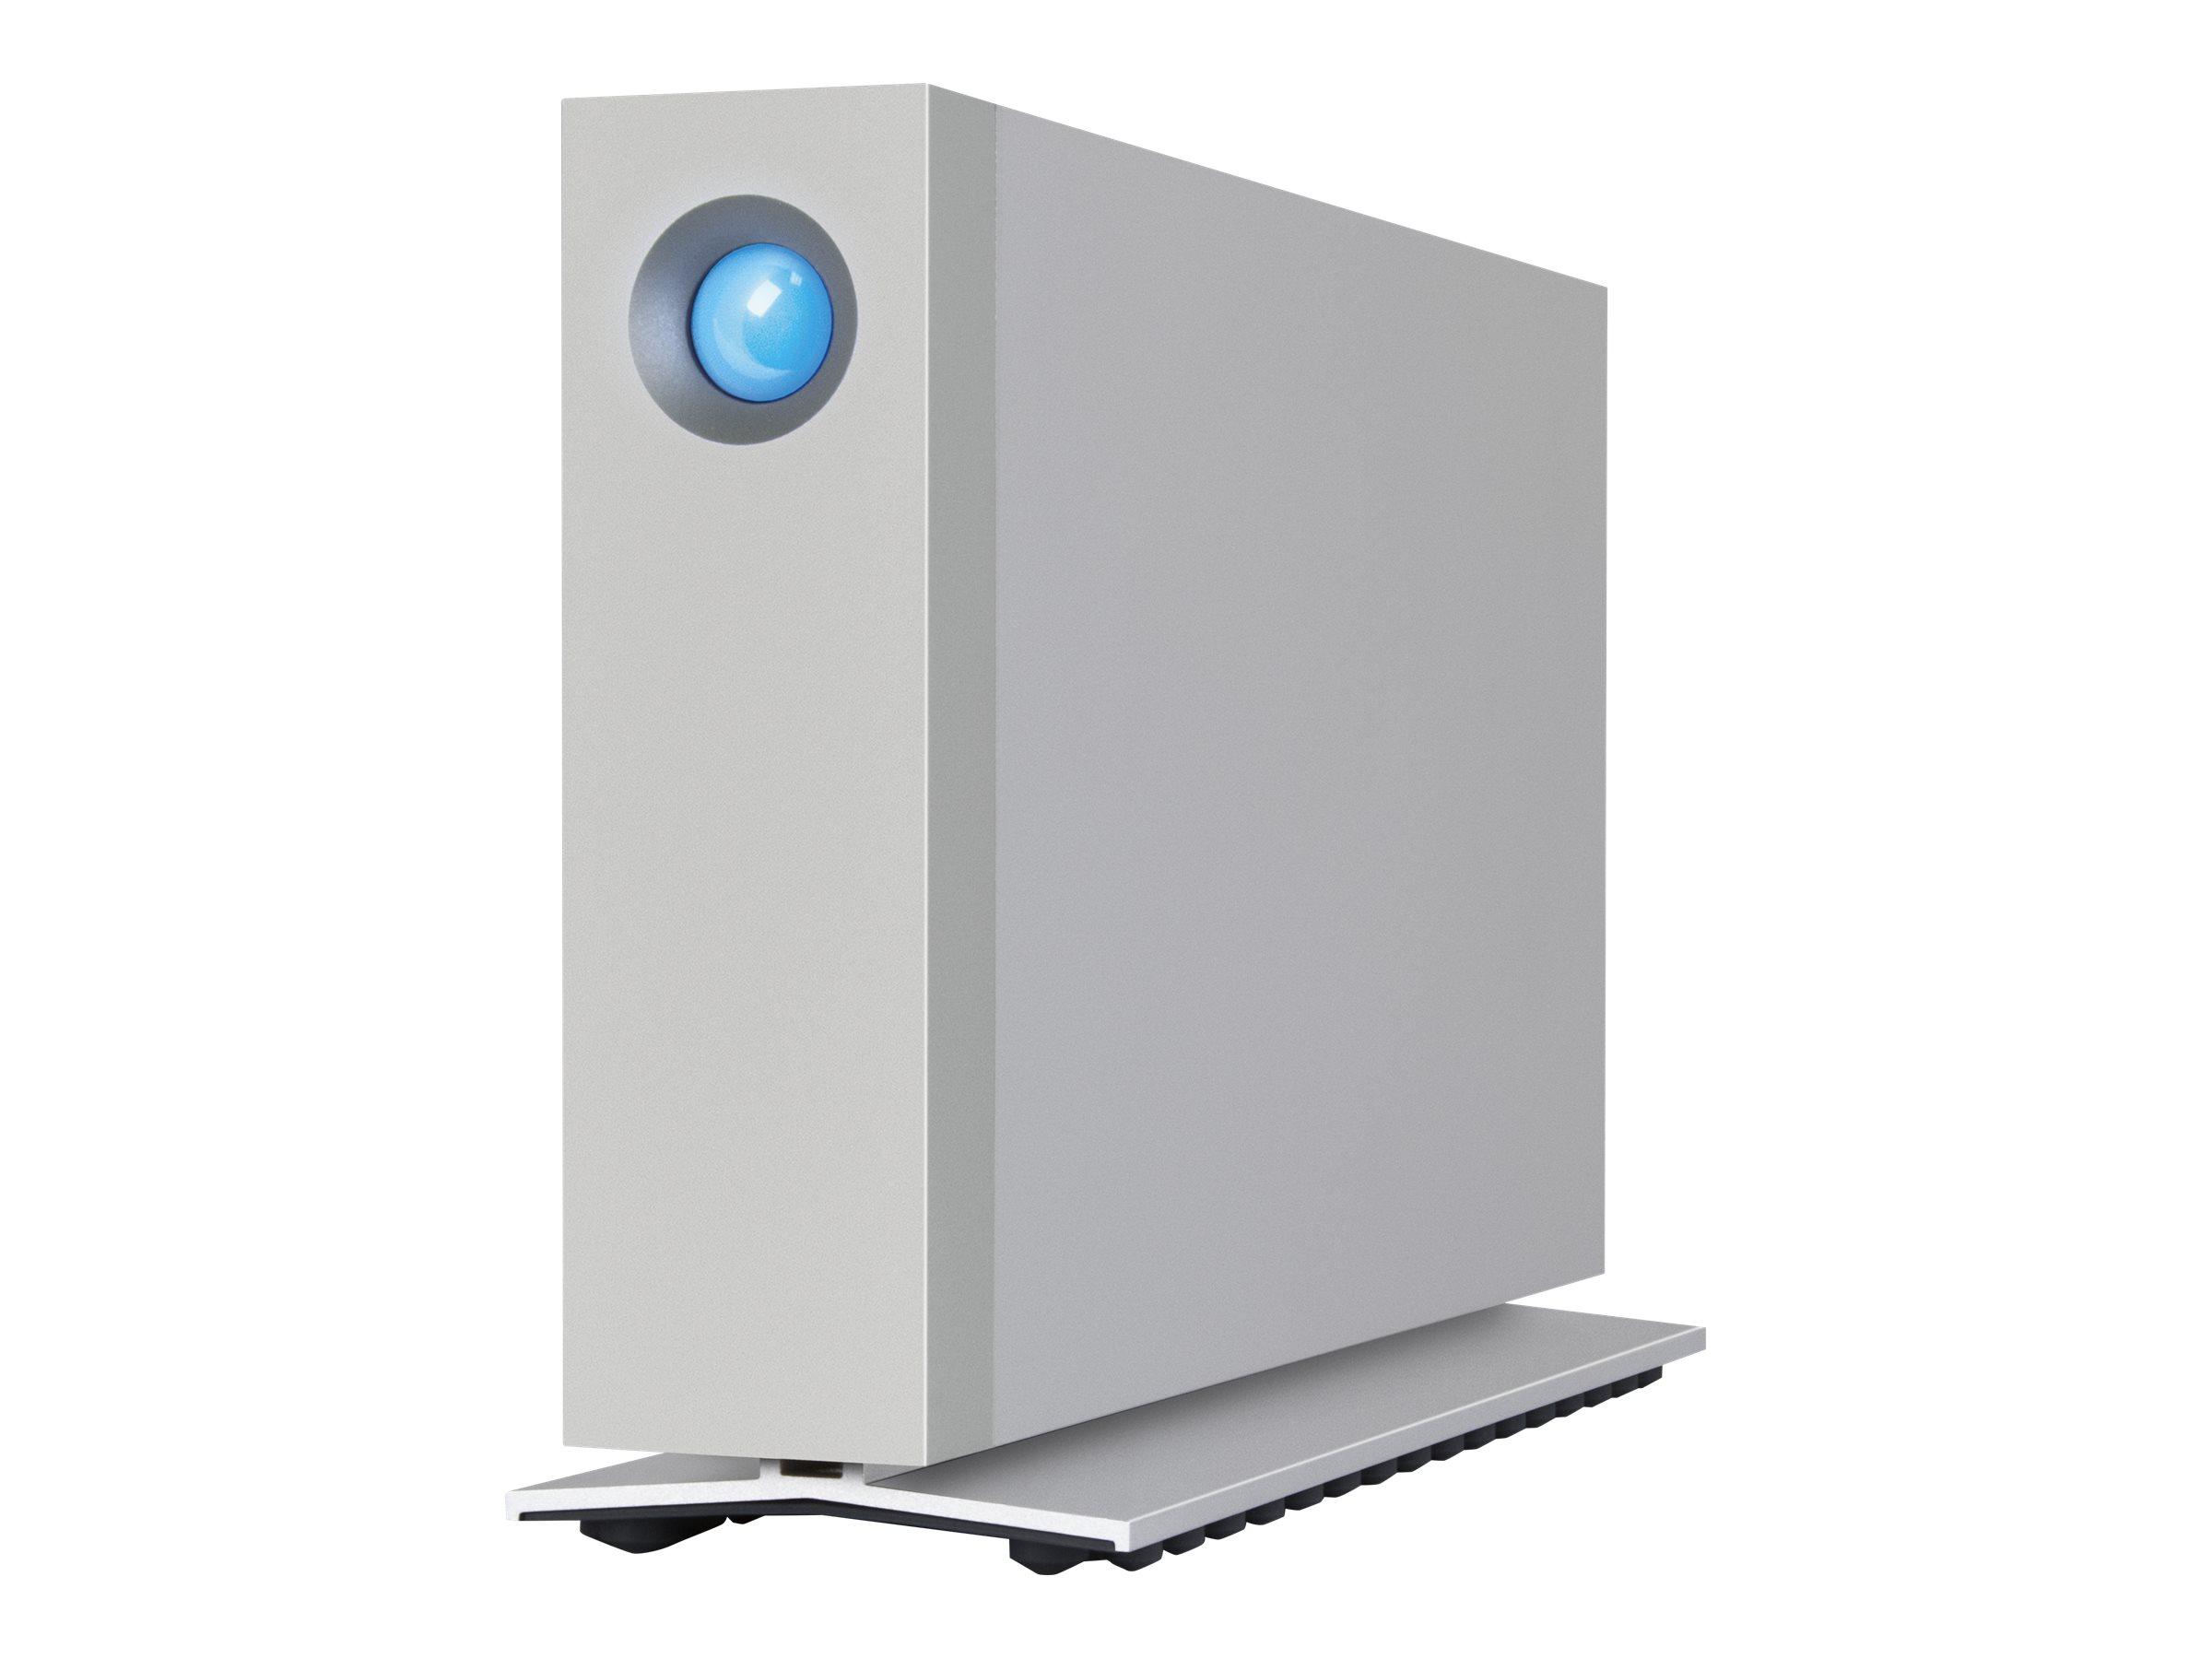 LaCie d2 Thunderbolt 3 - Festplatte - 6 TB - extern (Stationär) - USB 3.1 Gen 1 / Thunderbolt 3 (USB-C Steckverbinder)